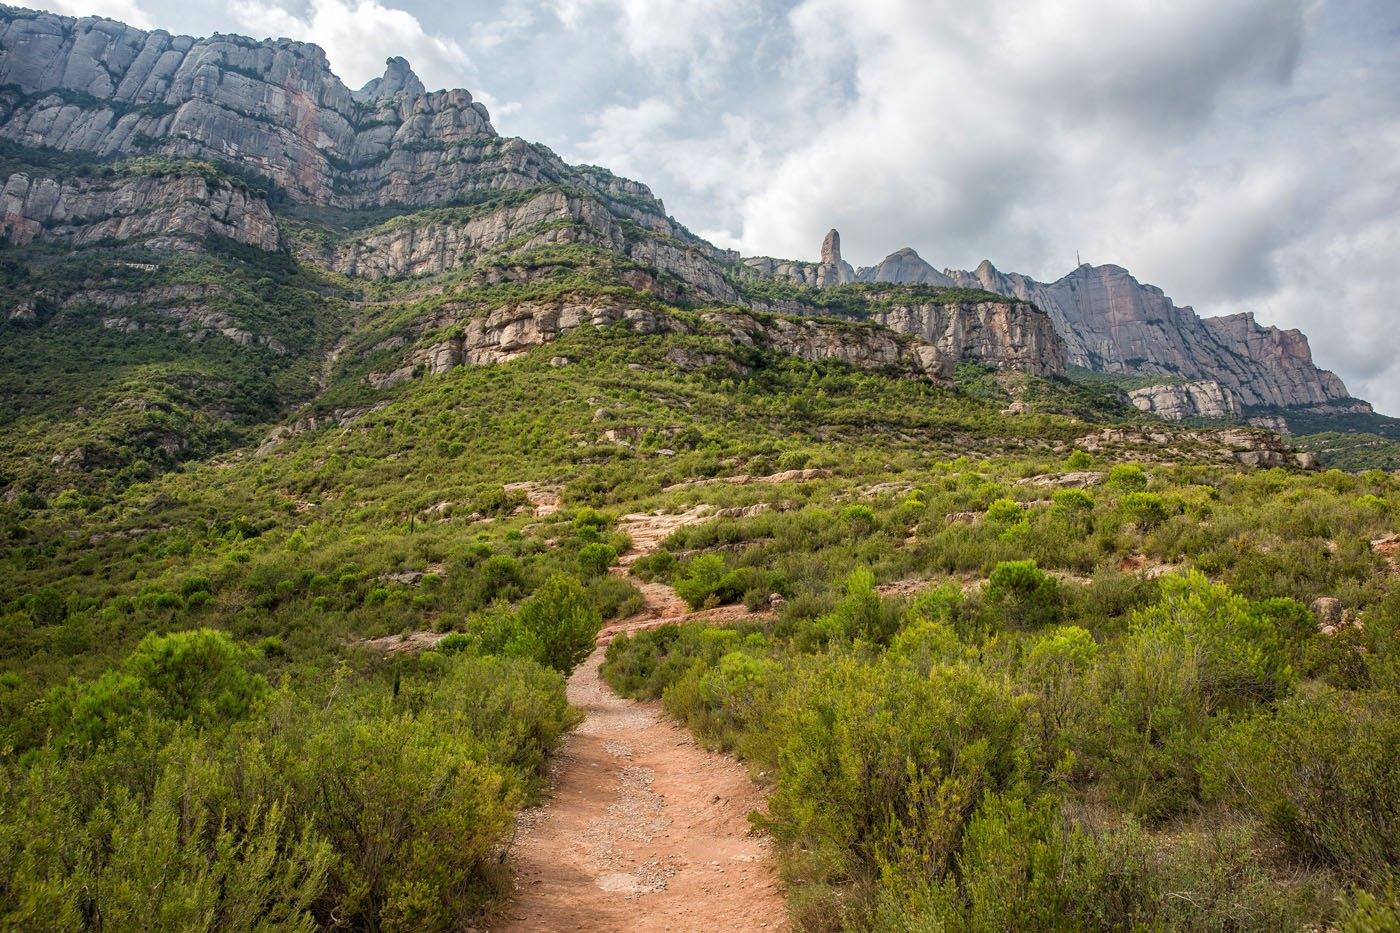 Montserrat hiking trail